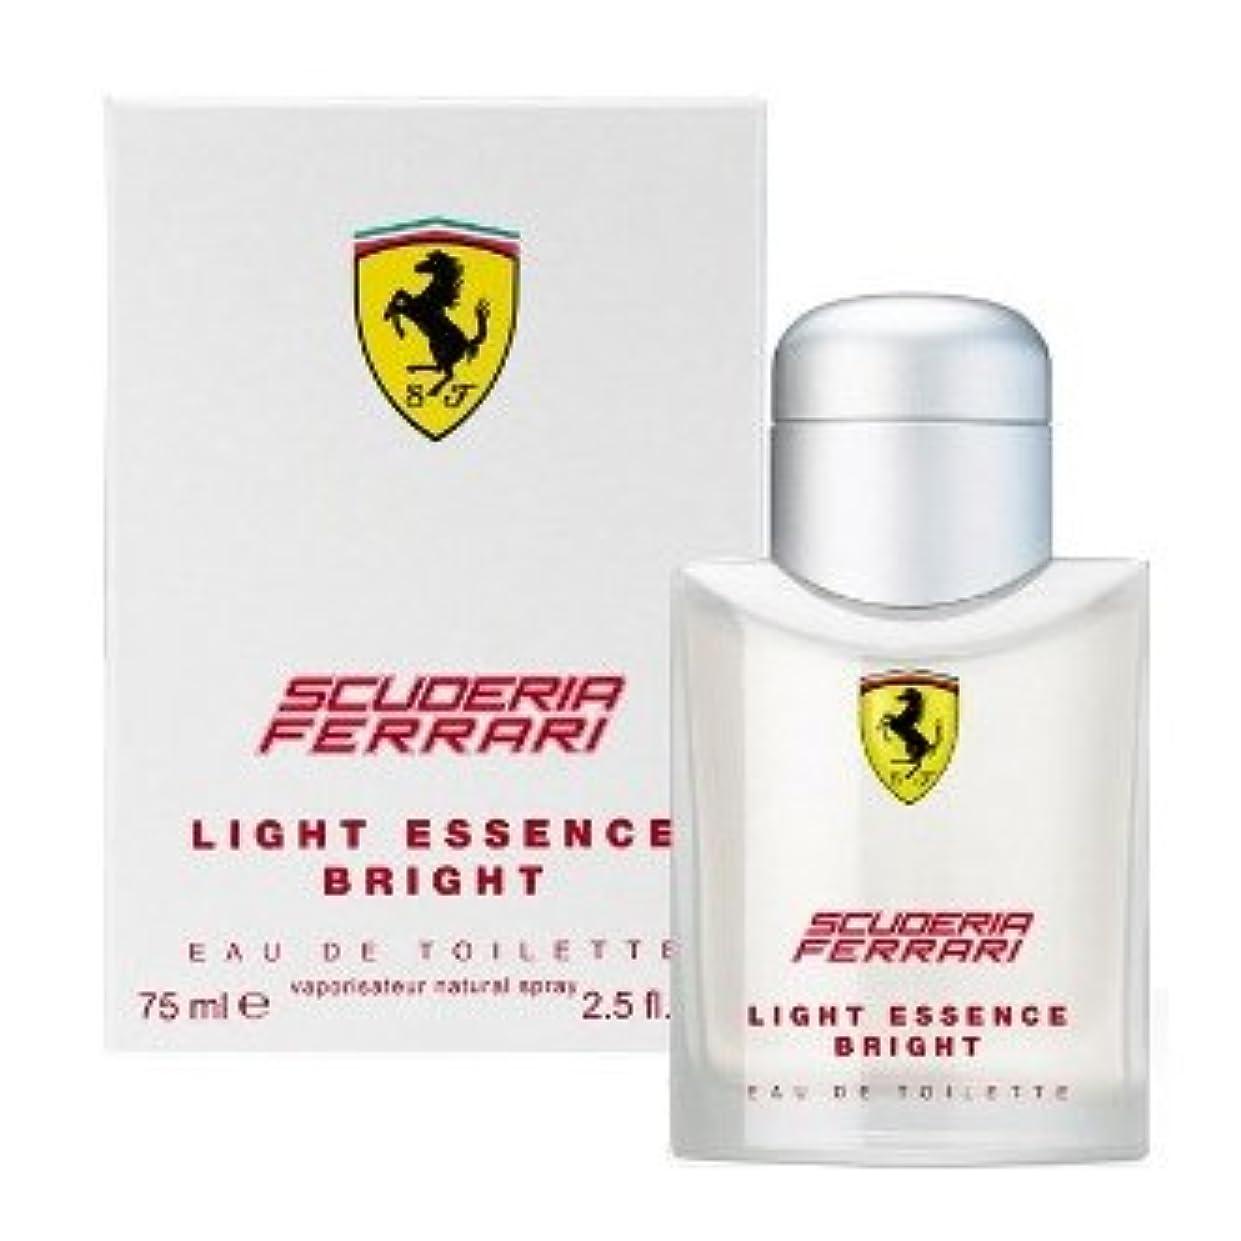 否定する賛辞開発するフェラーリ 香水 ライトエッセンス ブライト ET 75ml SP 【並行輸入品】